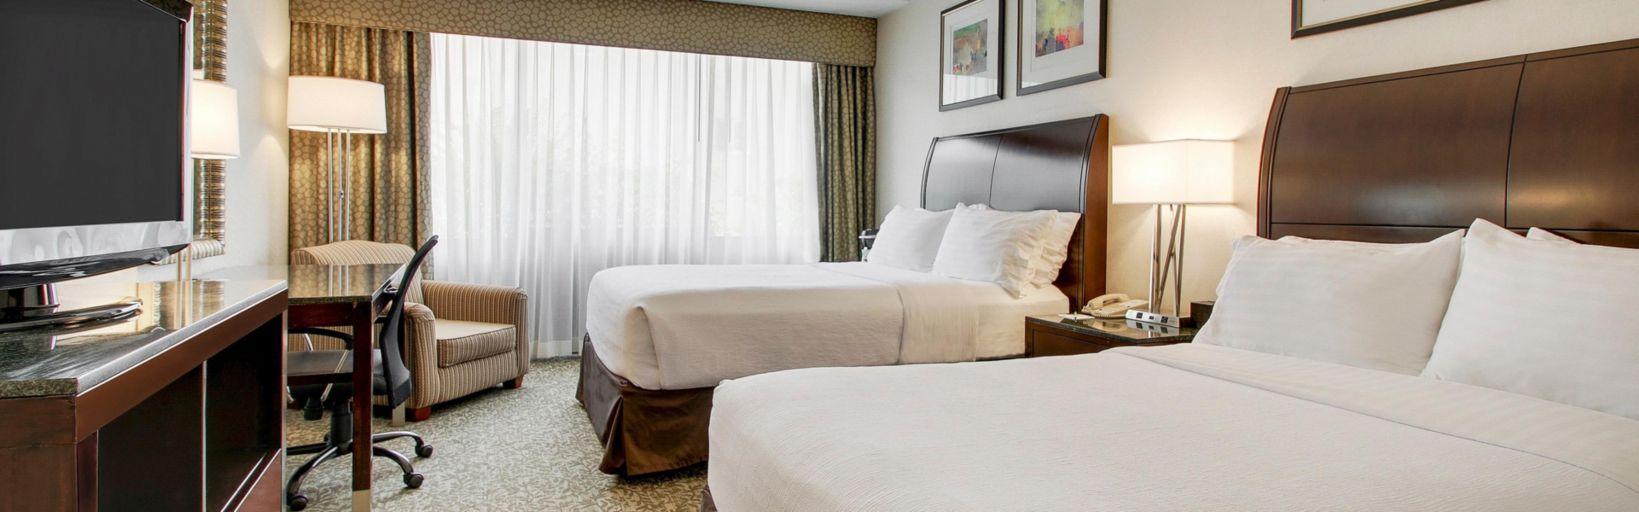 Holiday Inn Westbury-Long Island Hotel by IHG